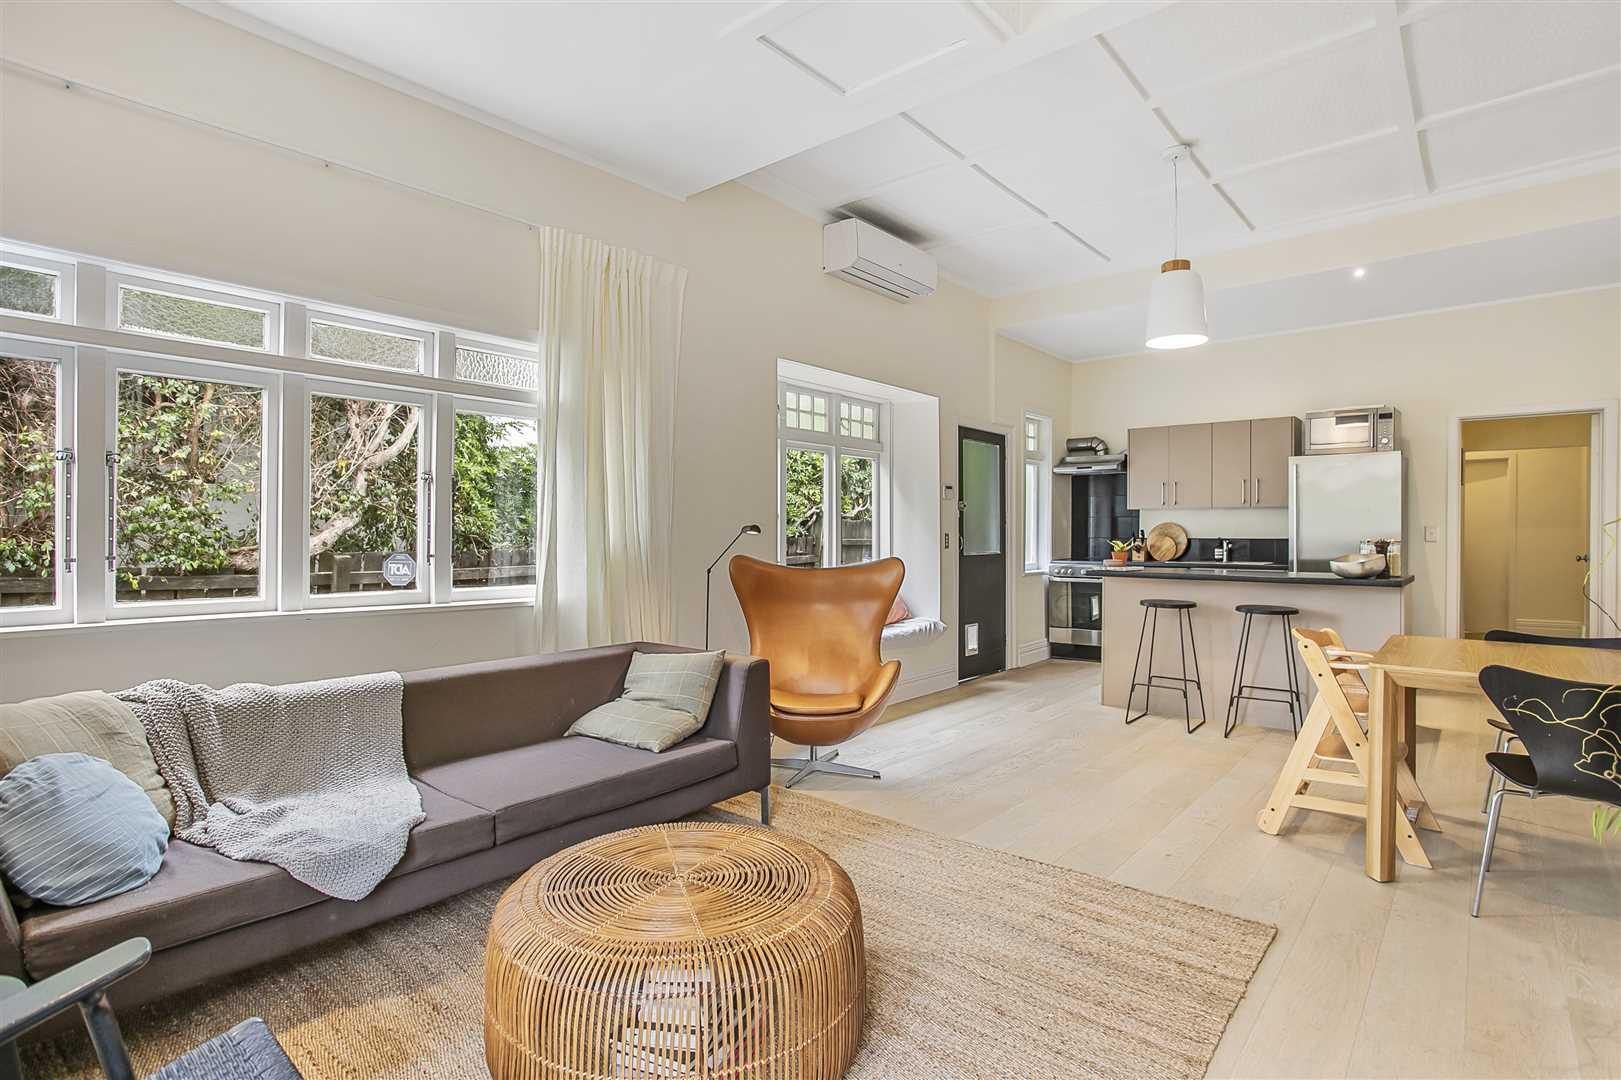 Home & Income or $65,000 per annum?